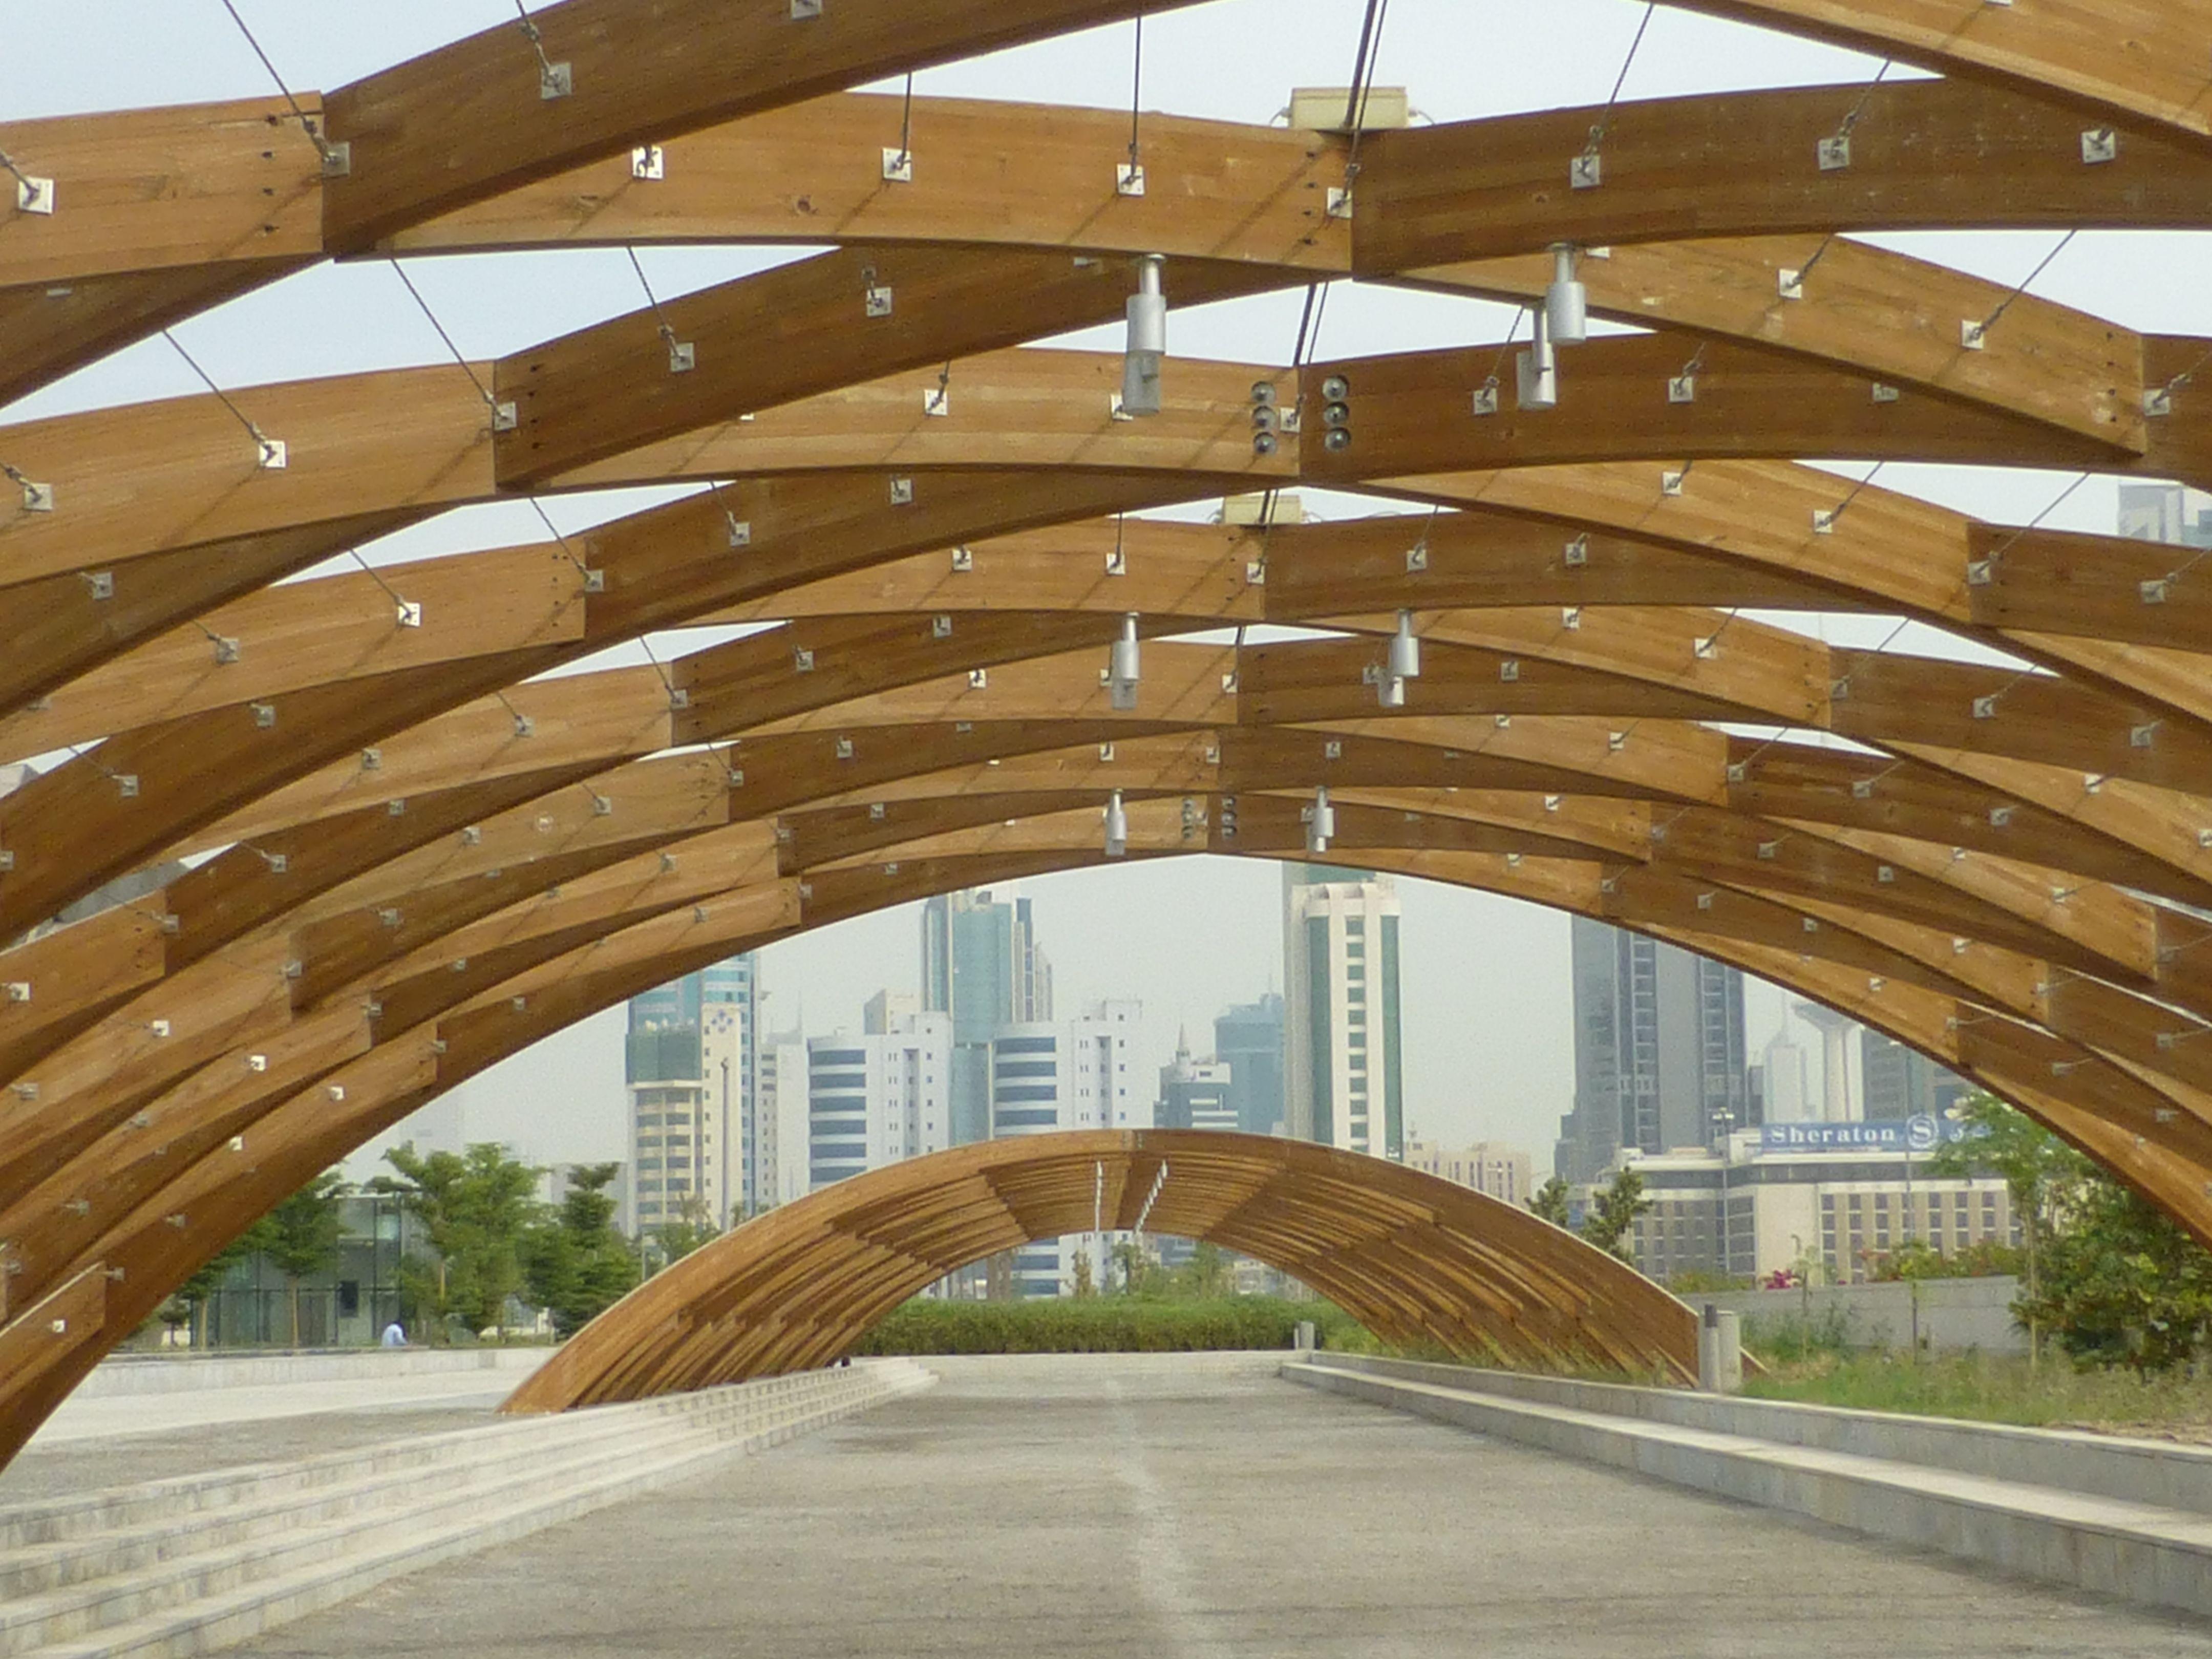 Kuwait Cultural Centre Entrance | Kuwait, Landscape, Entrance